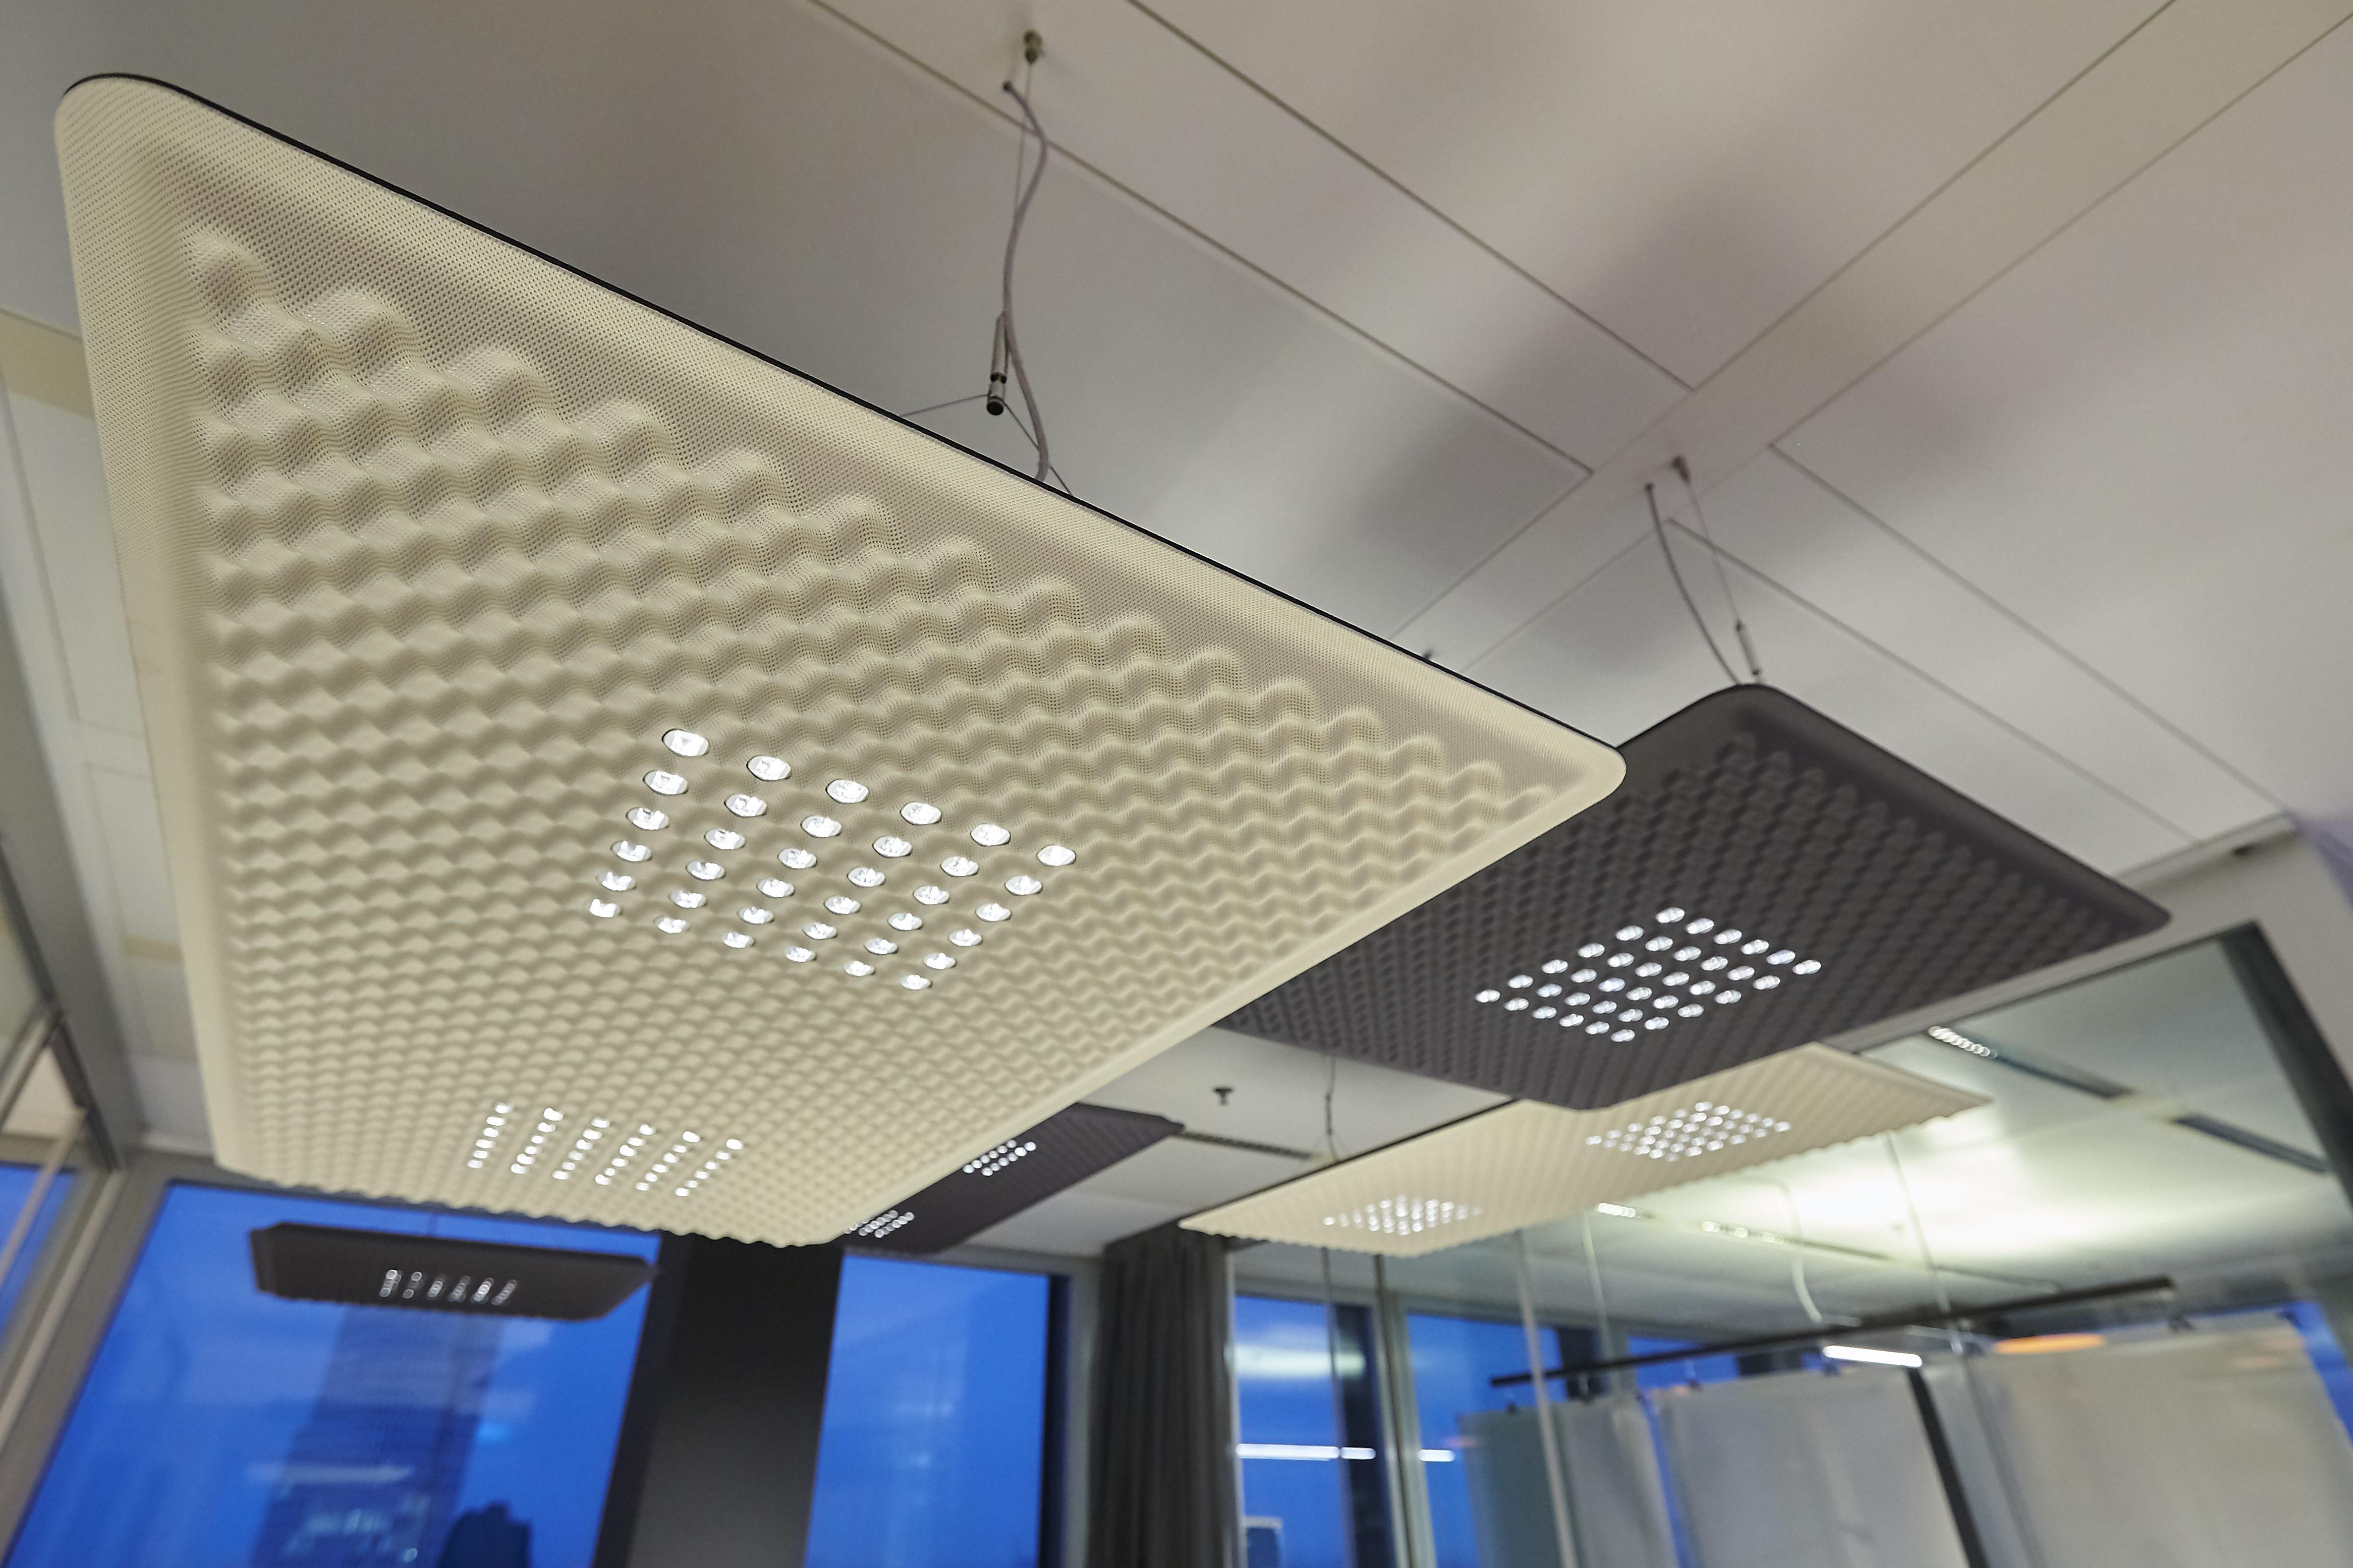 Artemide Eggboard Beleuchtung Stehleuchte Arbeitsplatzleuchte Pendelleuchte Deckenleuchte Wandleuchte Ein Beleuchtung Burobeleuchtung Led Strahler